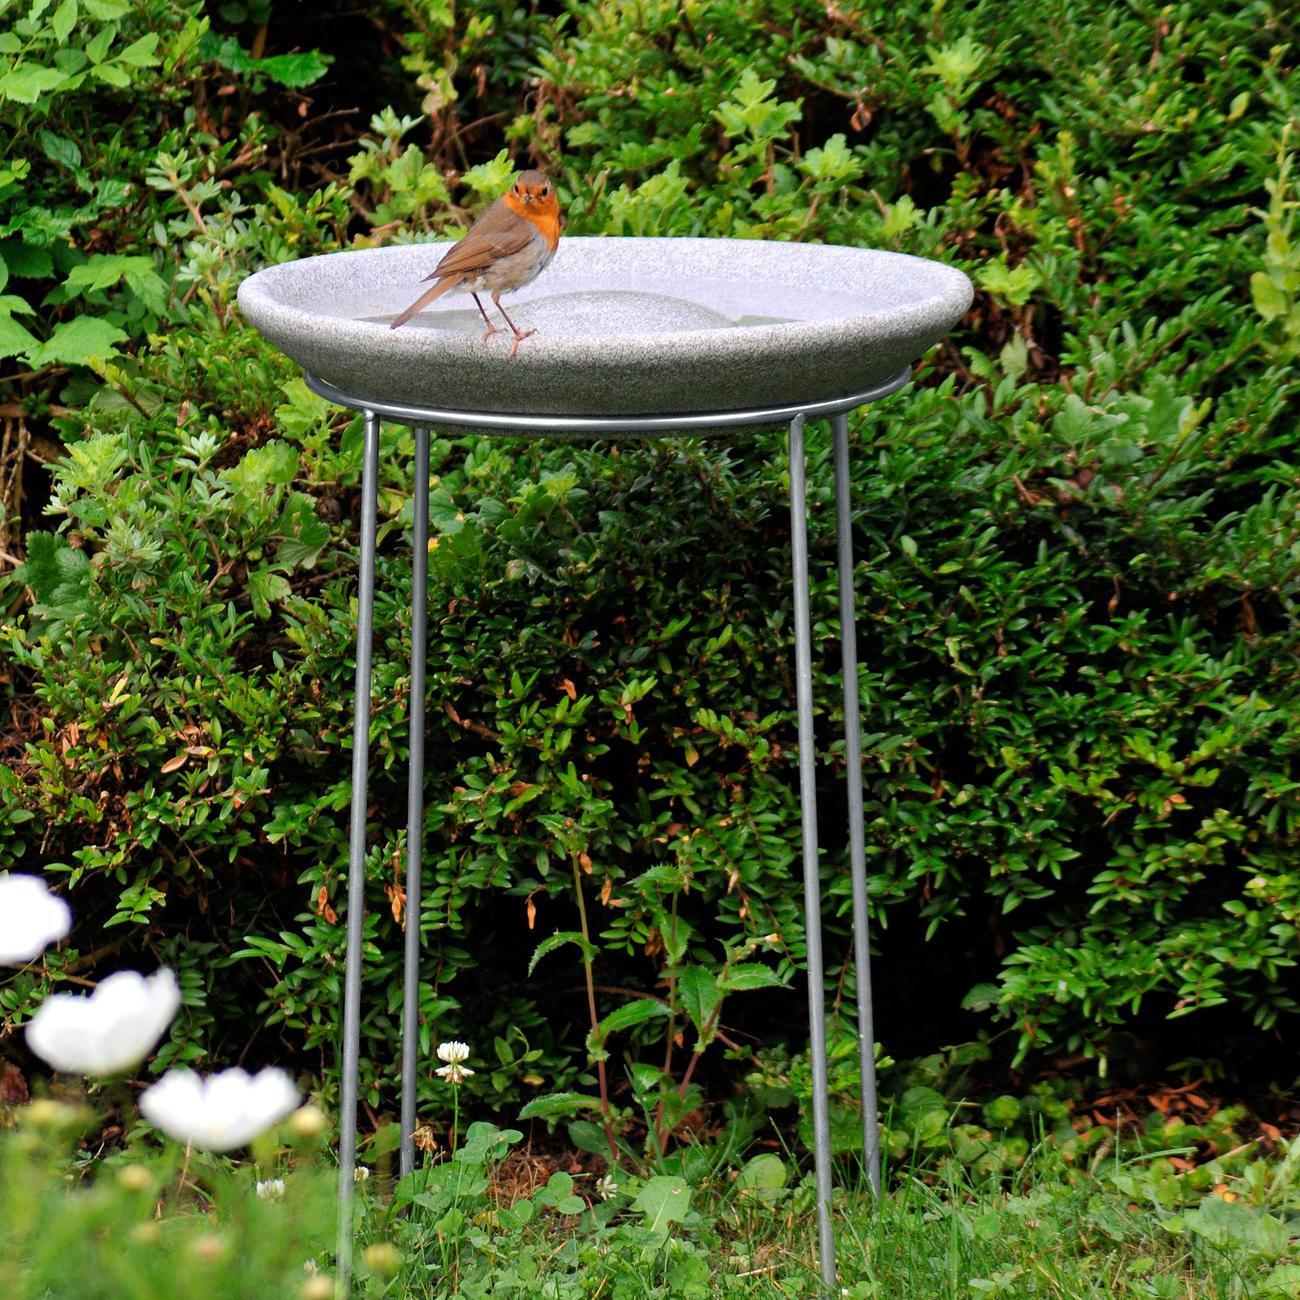 Denk Vogeltränke aus Granicium inkl. Edelstahl-Ständer